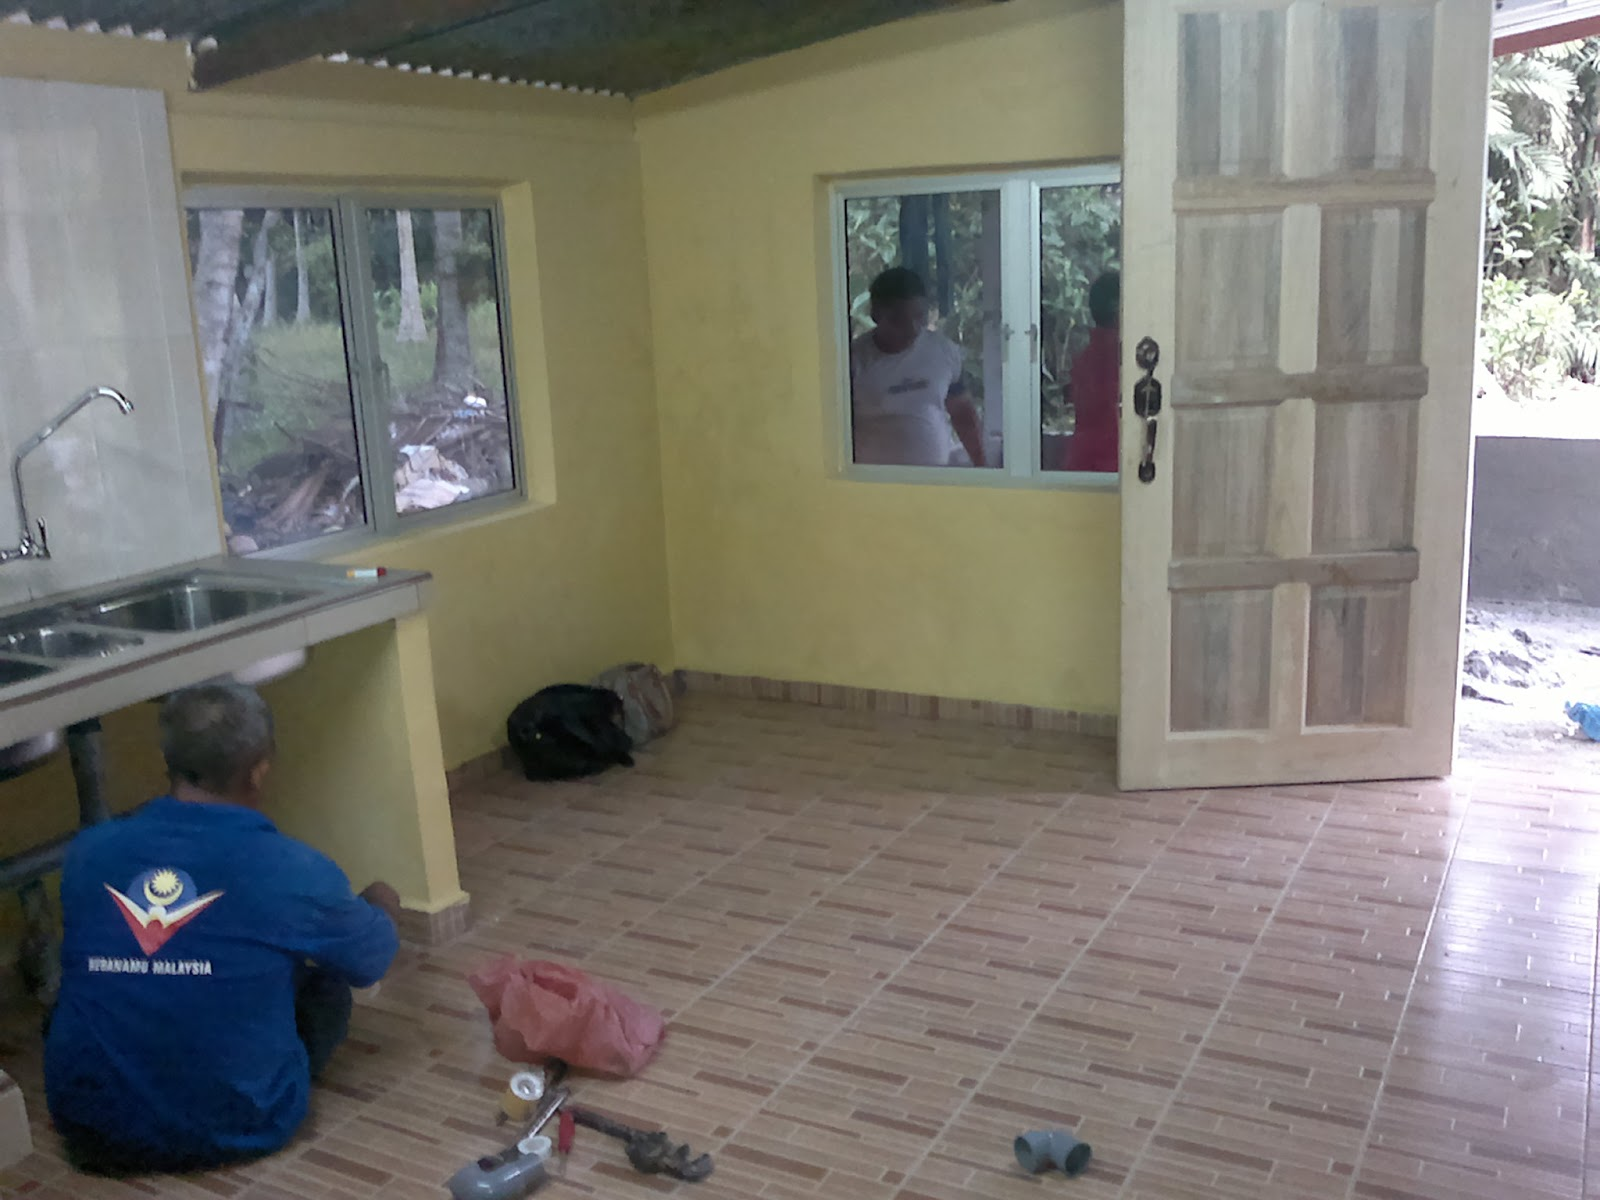 Ubah Suai Rumah Kampung